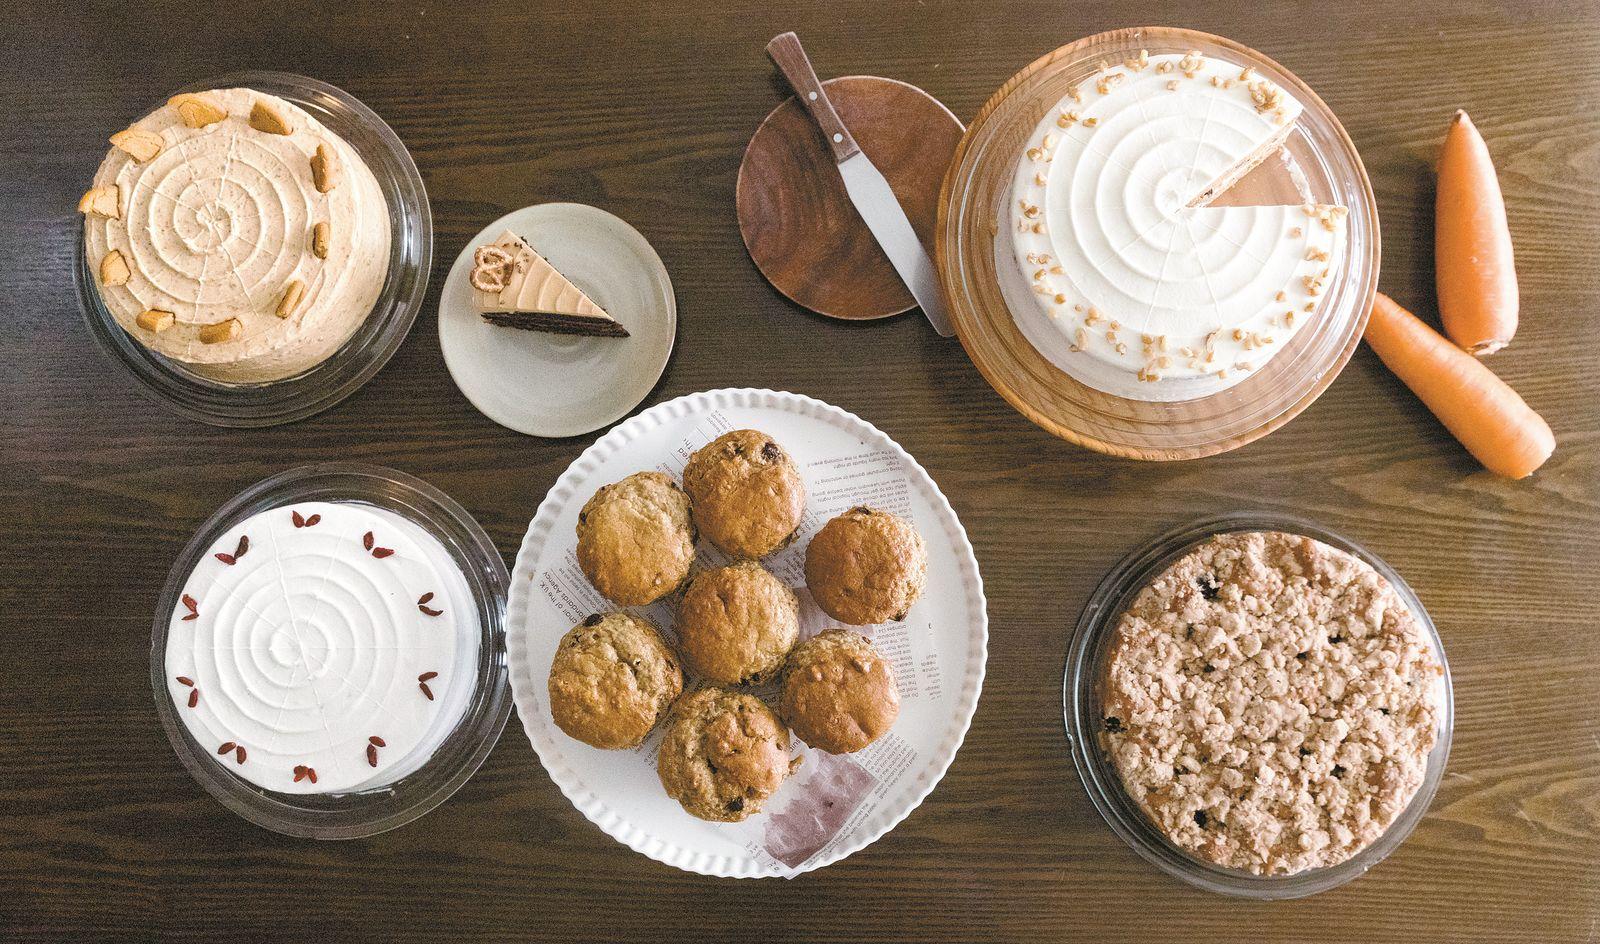 이태원에 있는 채식 베이커리 겸 식당 '플랜트'가 만들어내는 다양한 종류의 케이크와 머핀.